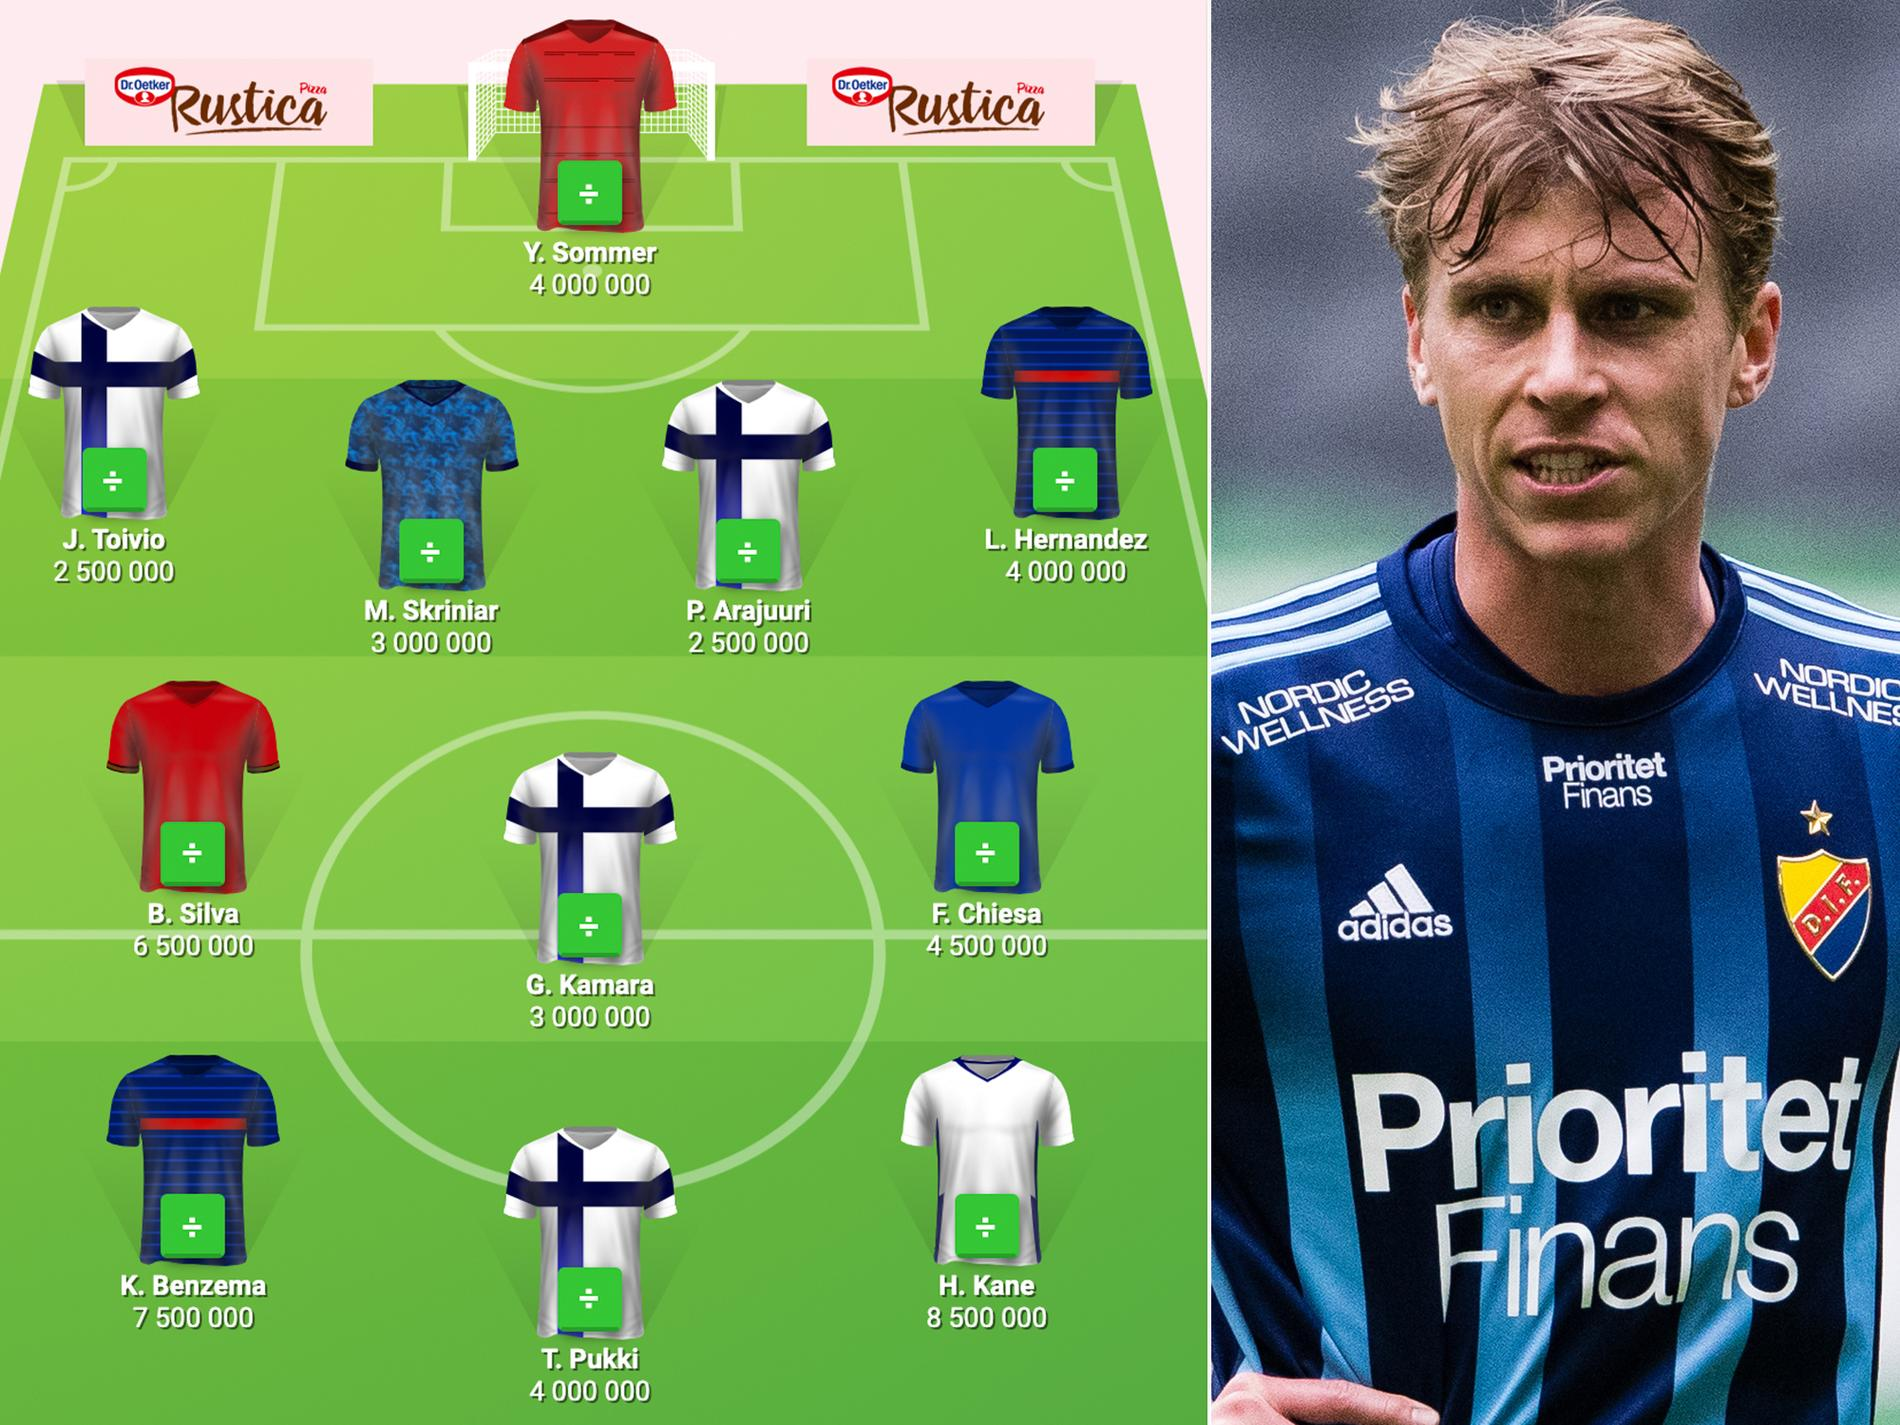 Rasmus Schüllers lag, utan sig själv, men med fyra finska spelare och återvändaren Karim Benzema.